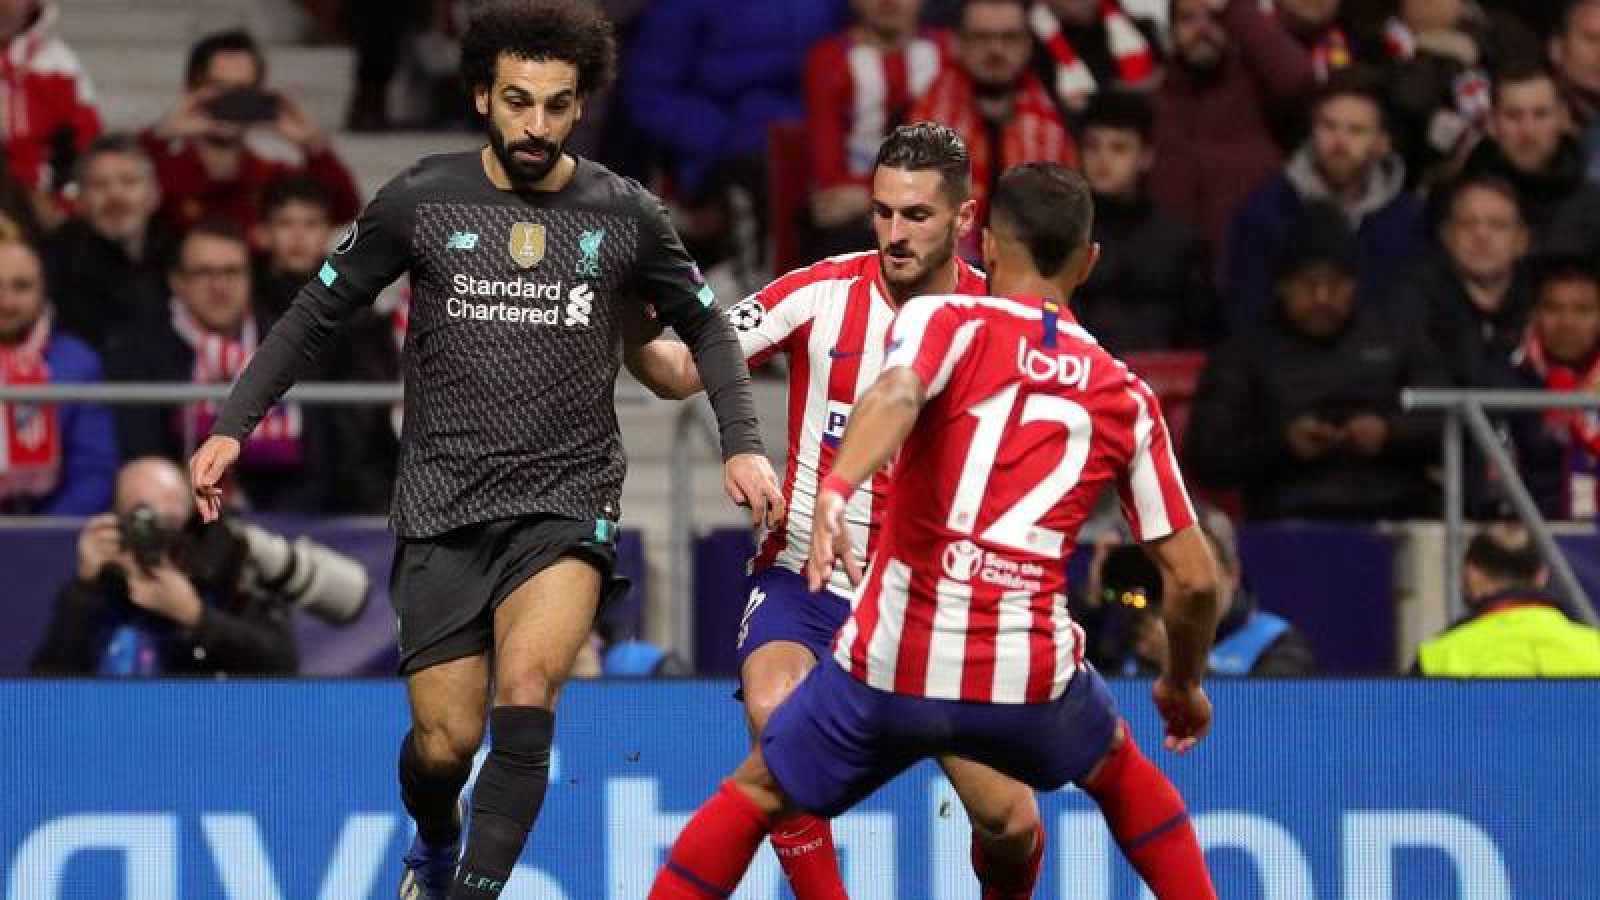 El delantero del Liverpool Mohamed Salah intenta escaparse de los jugadores del Atlético Renan Lodi y Koke.